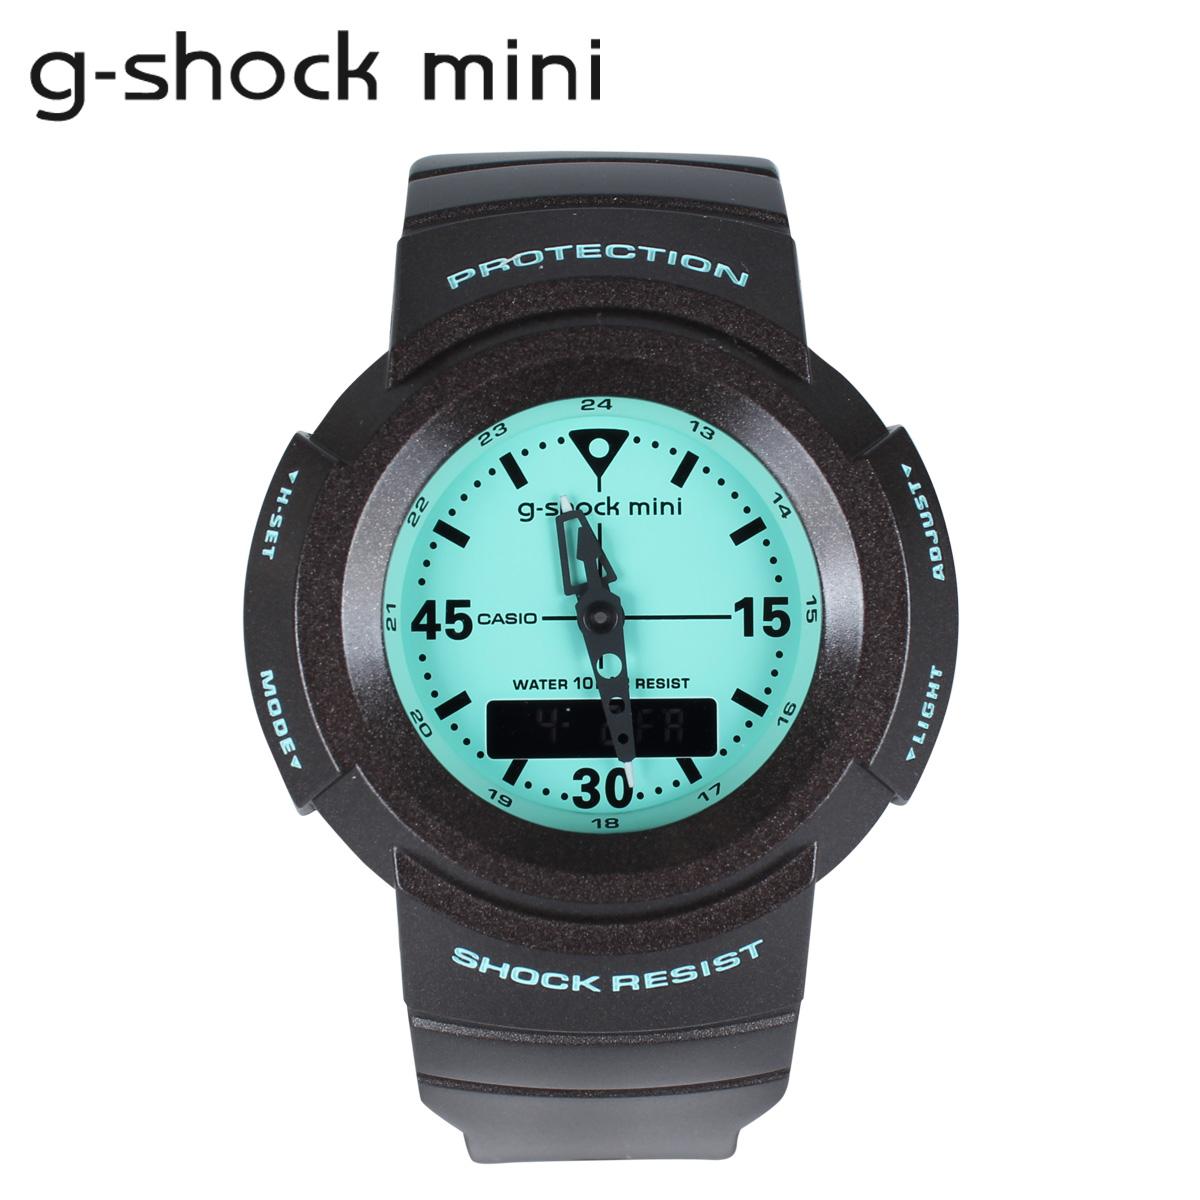 CASIO カシオ g-shock mini 腕時計 GMN-500-5BJR ジーショック ミニ Gショック G-ショック レディース